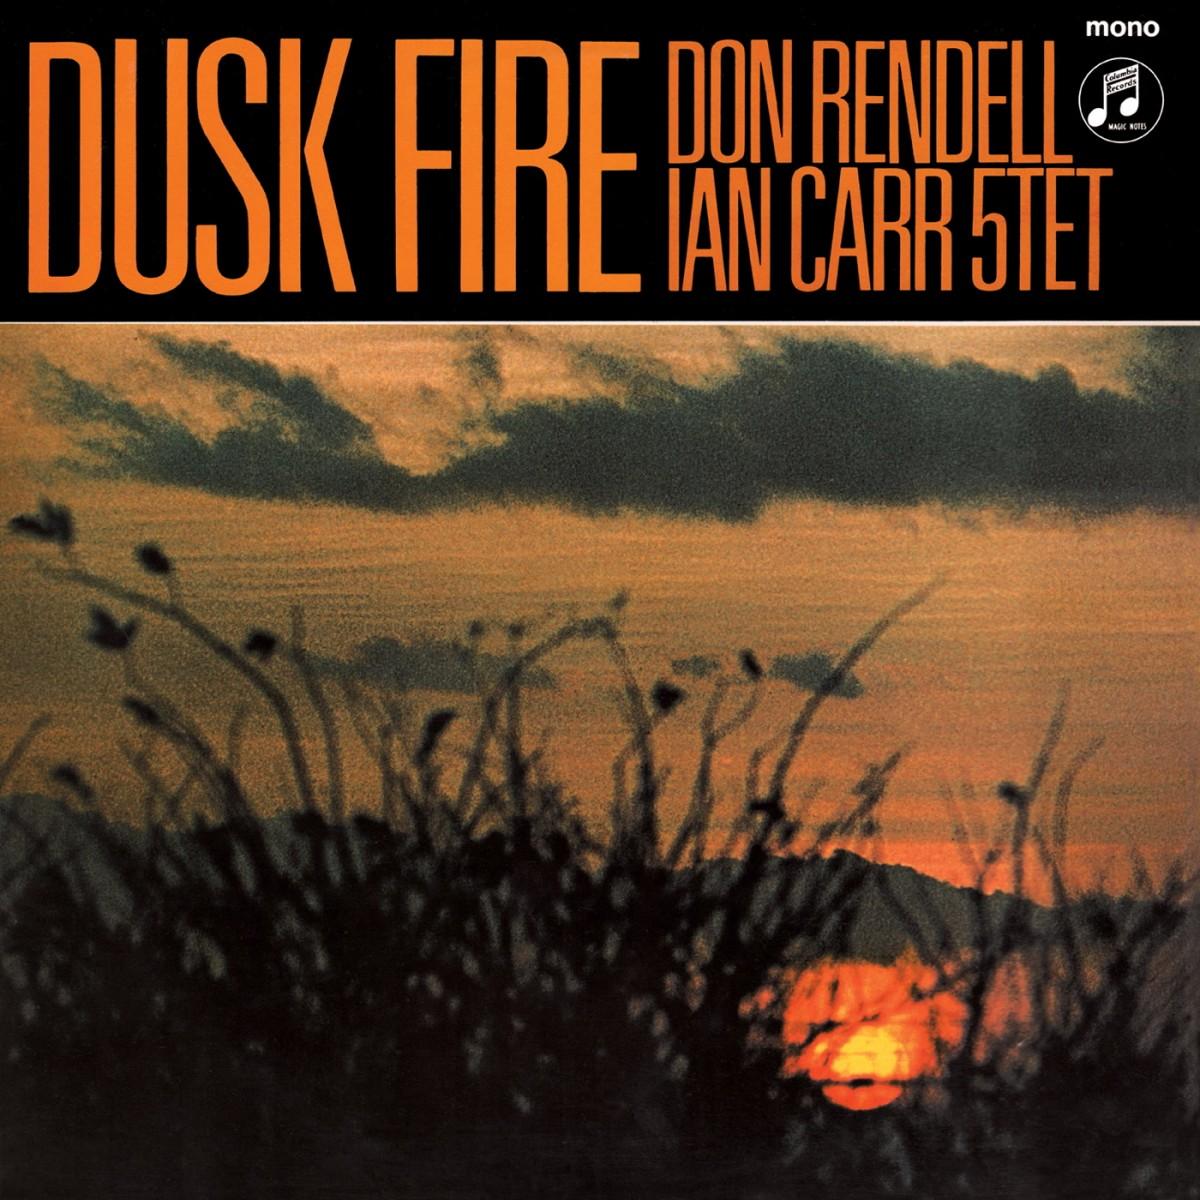 Dusk Fire - Don Rendell Ian Carr Quintet